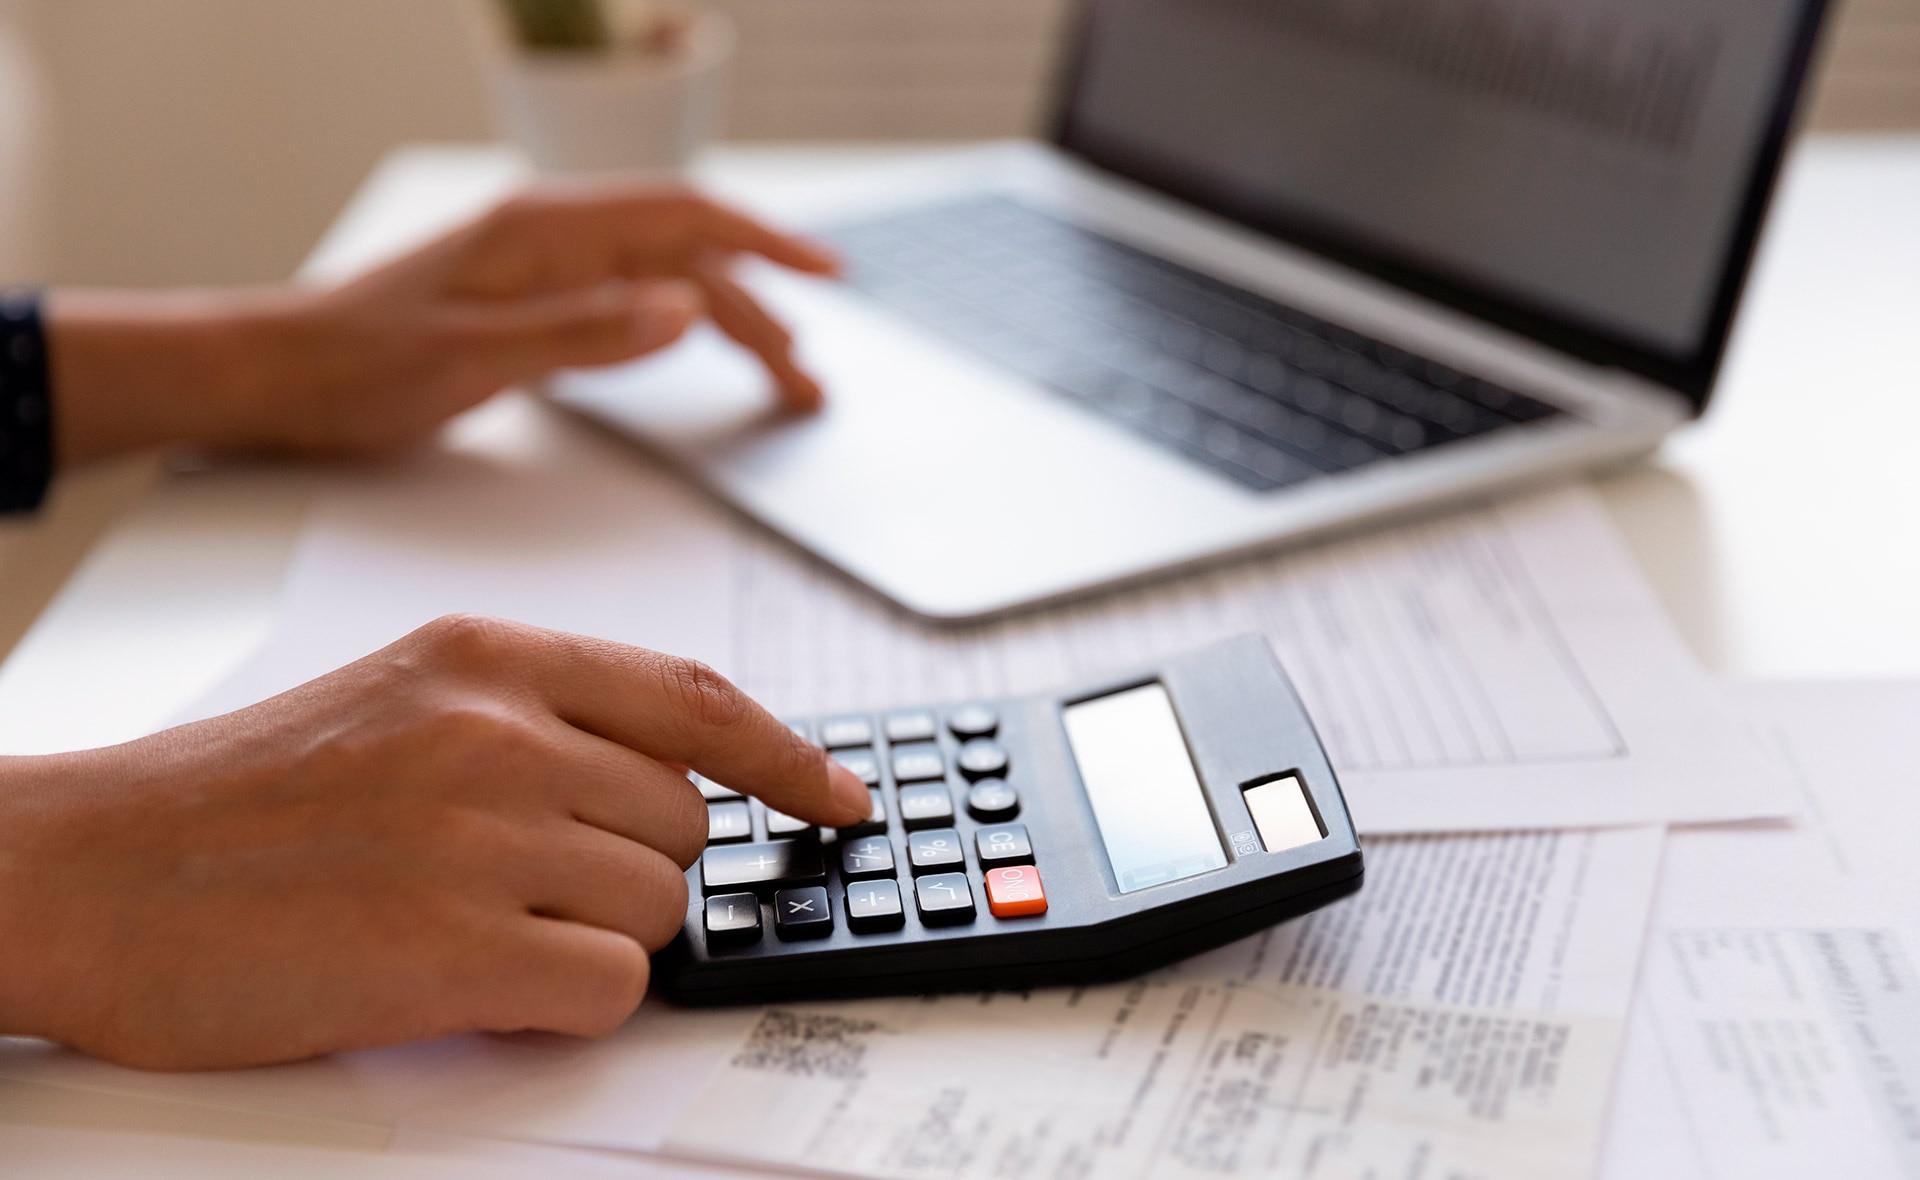 BBVA-medidas-mejorar-educación-financiera-españa-finanzas-conocimiento-españoles